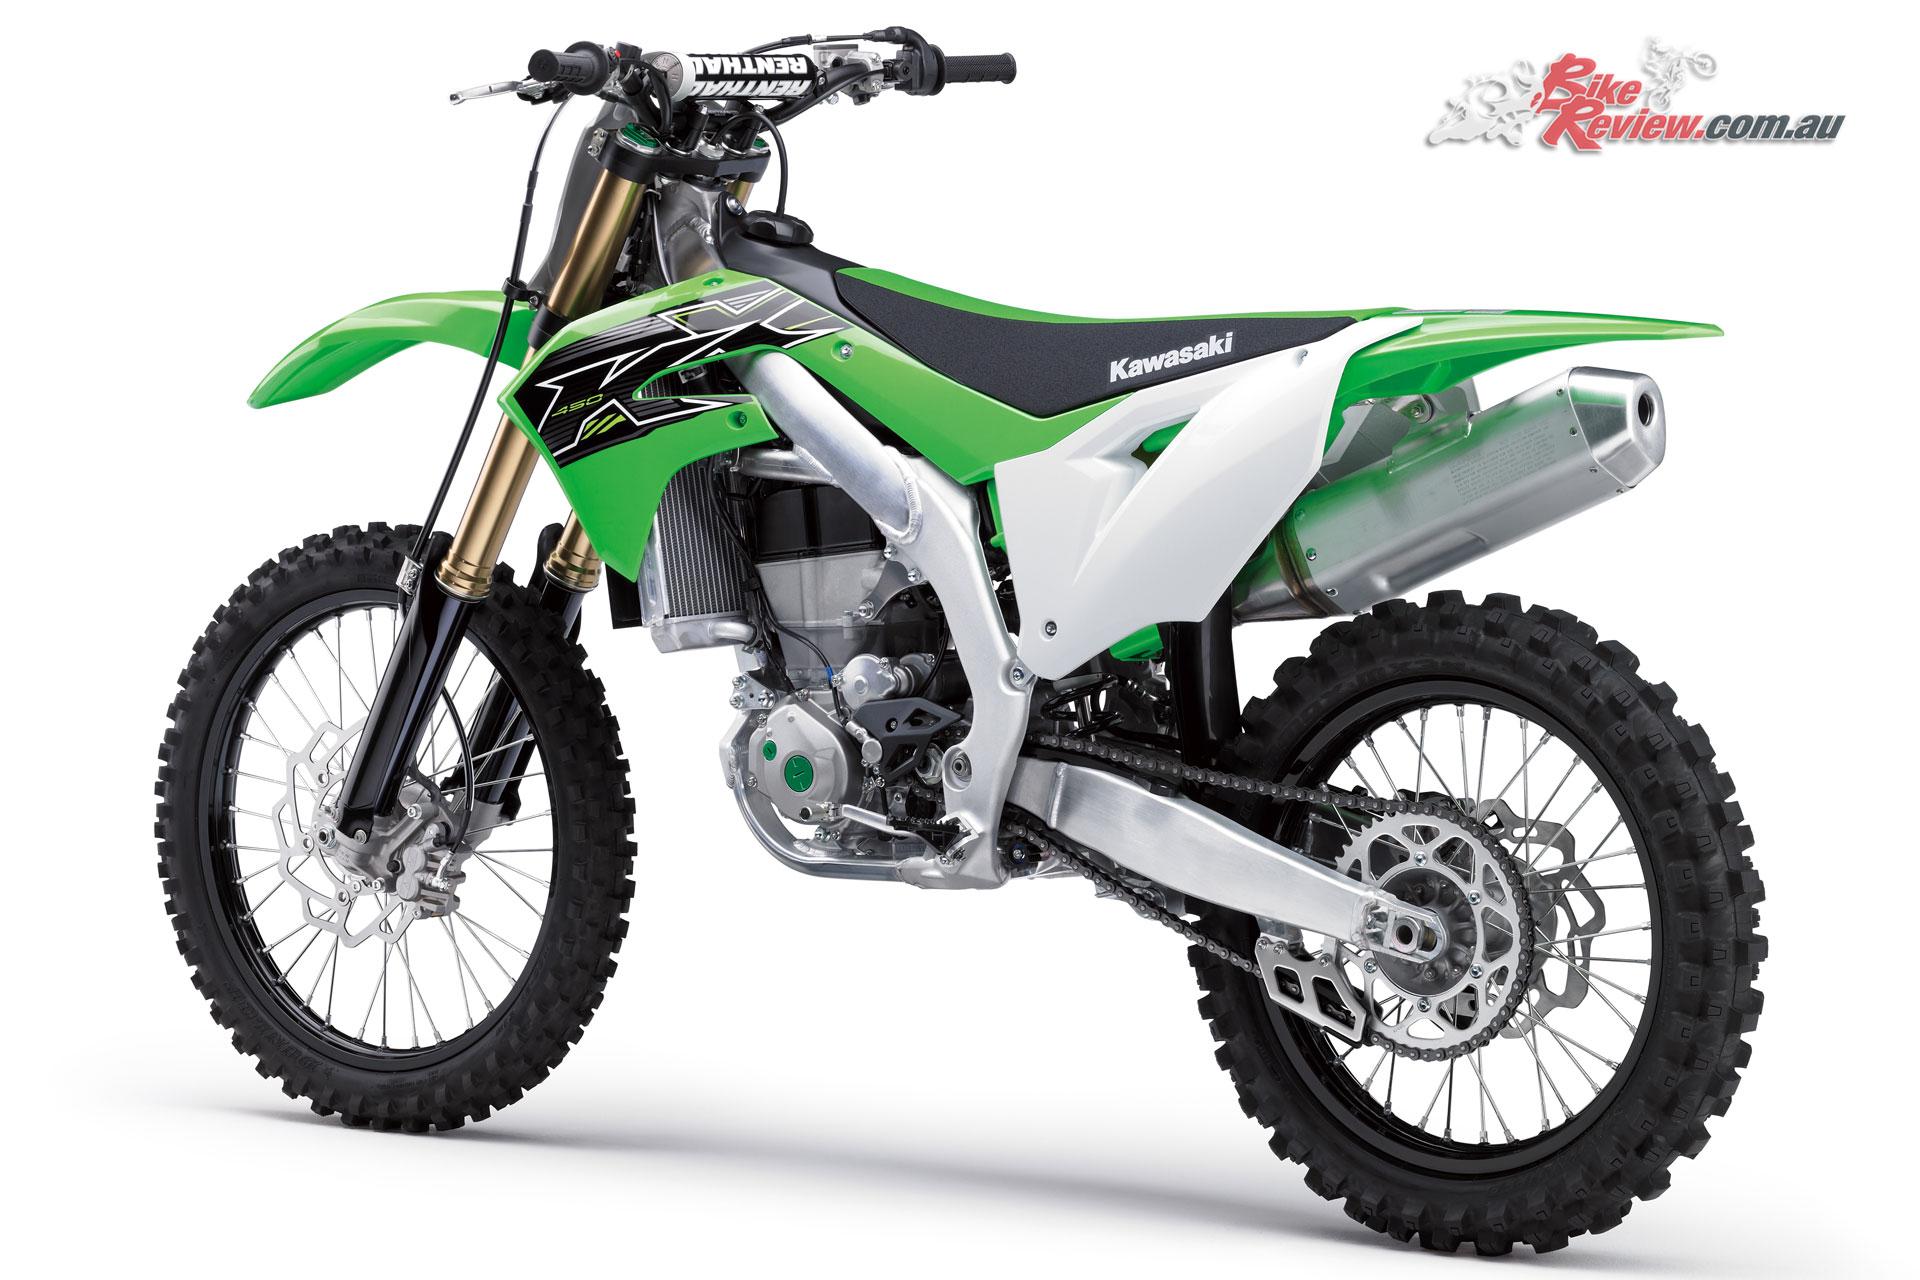 2019 Kawasaki KX450F